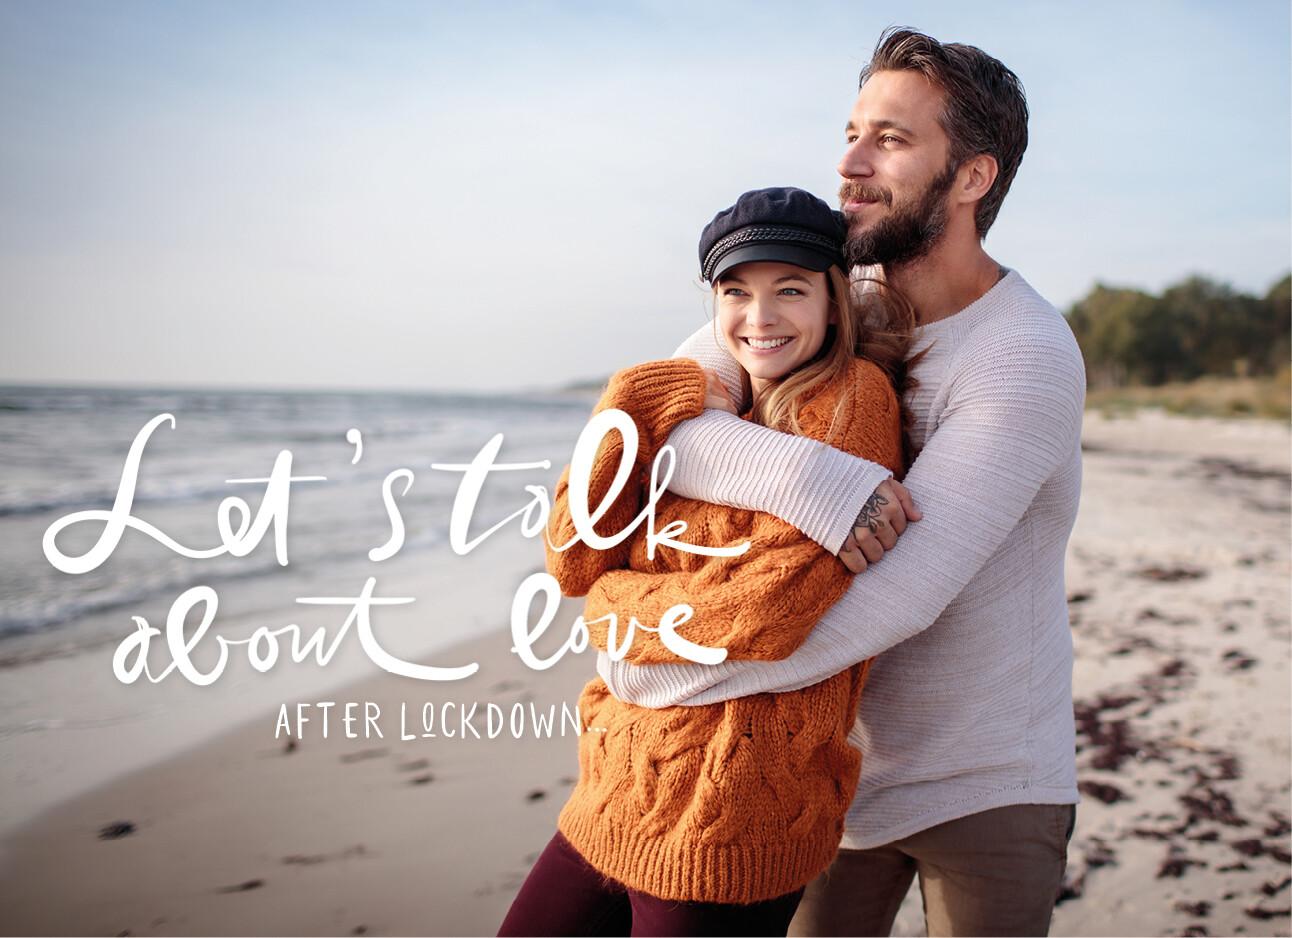 Singles opgelet: er hangt liefde in de lucht na deze lockdown